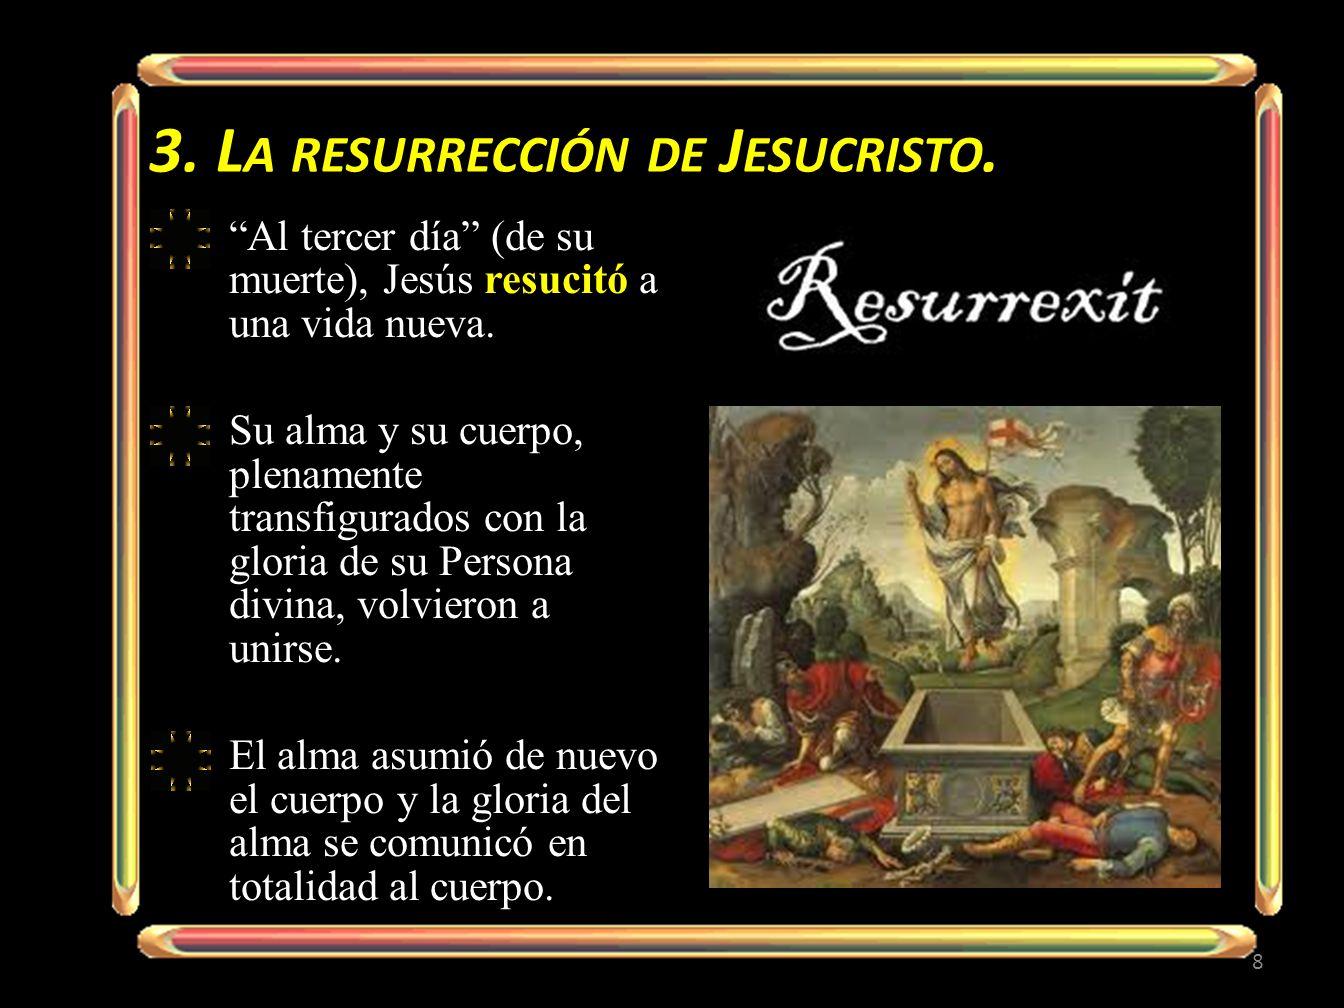 3. La resurrección de Jesucristo.